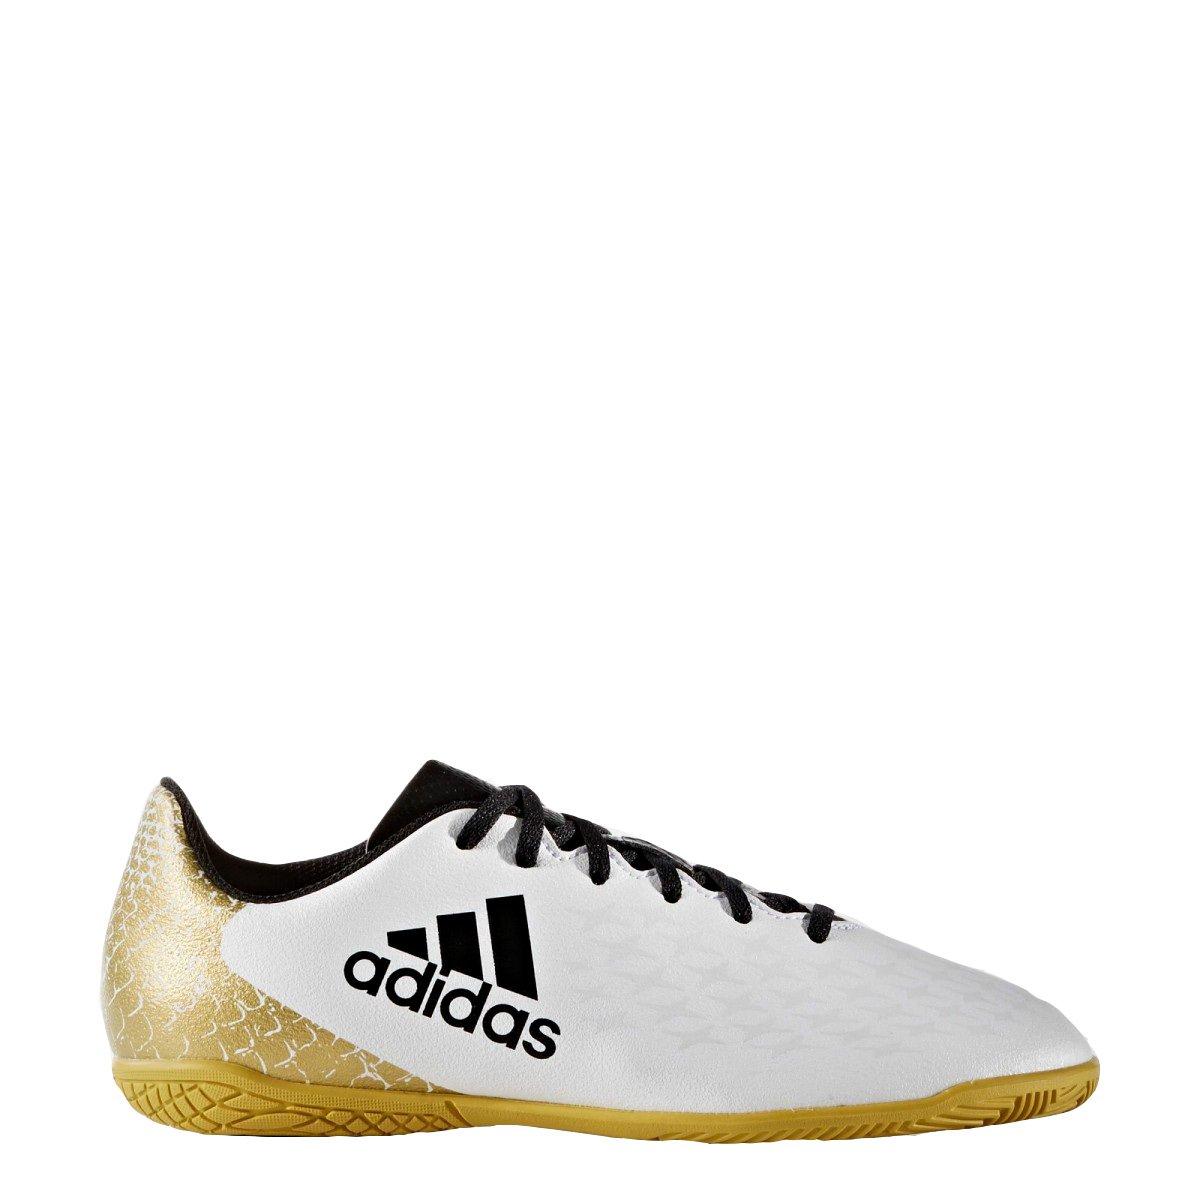 d92d4f0521792 Bizz Store - Chuteira Futsal Masculina Adidasi X 16.4 Branco